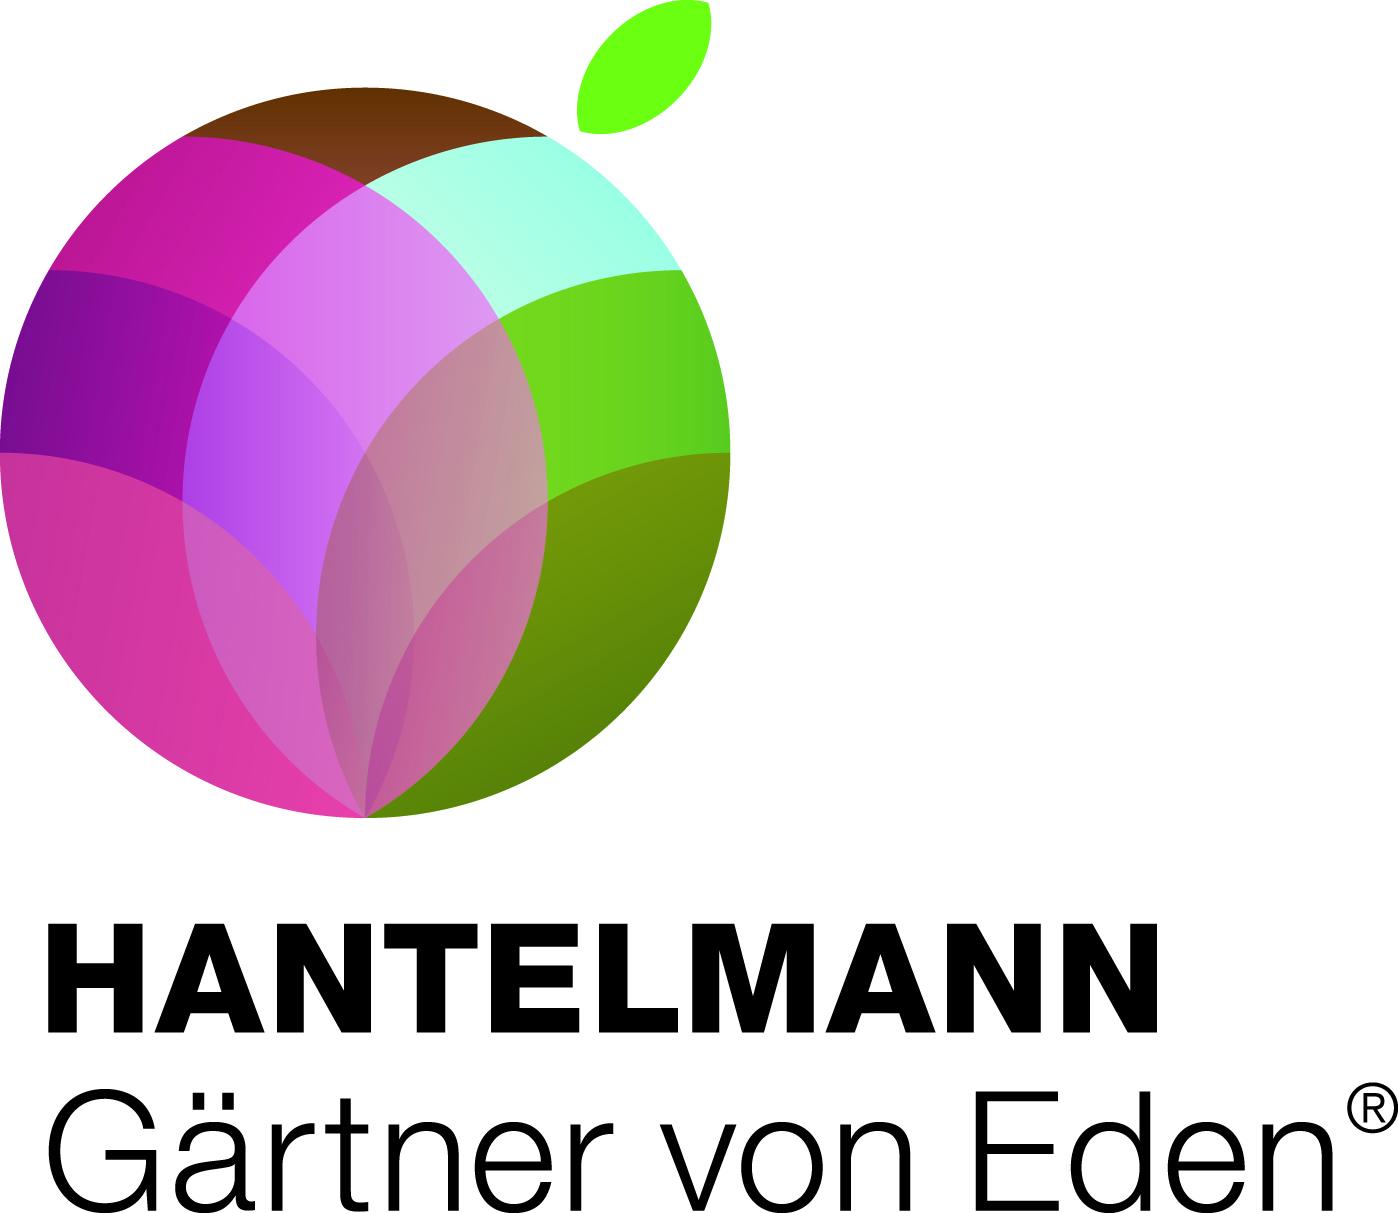 Hantelmann g rtner von eden gartenbau dreieich for Garten eden dietzenbach